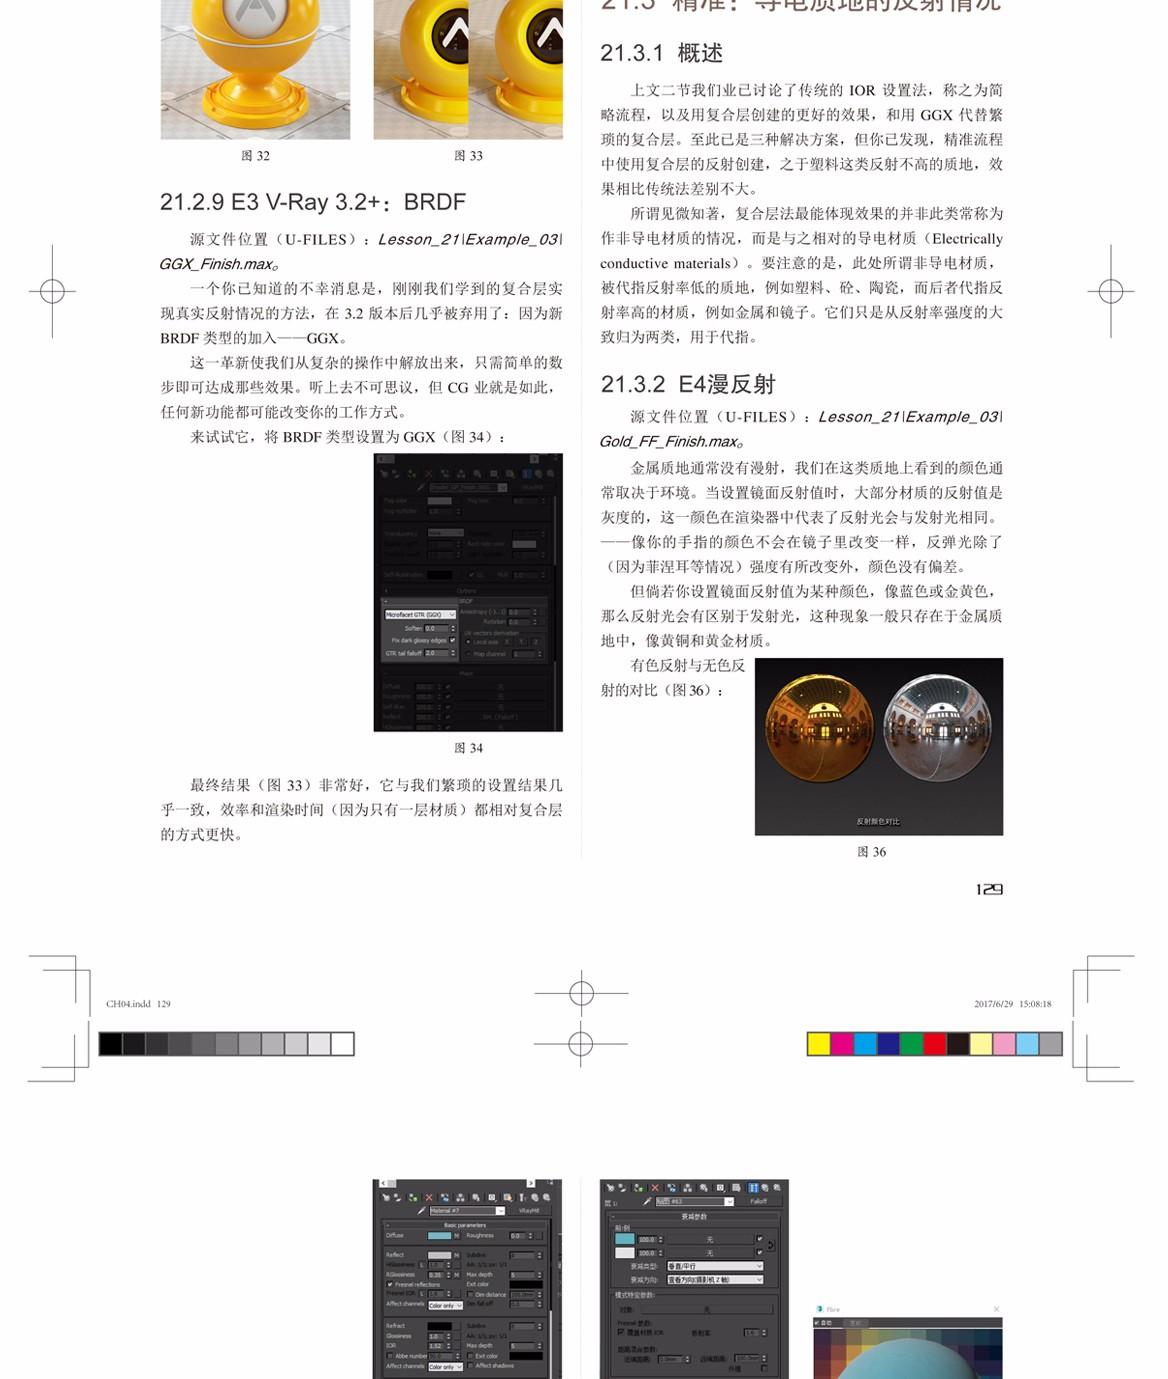 预售页面修改2017-11-3xin_12.jpg